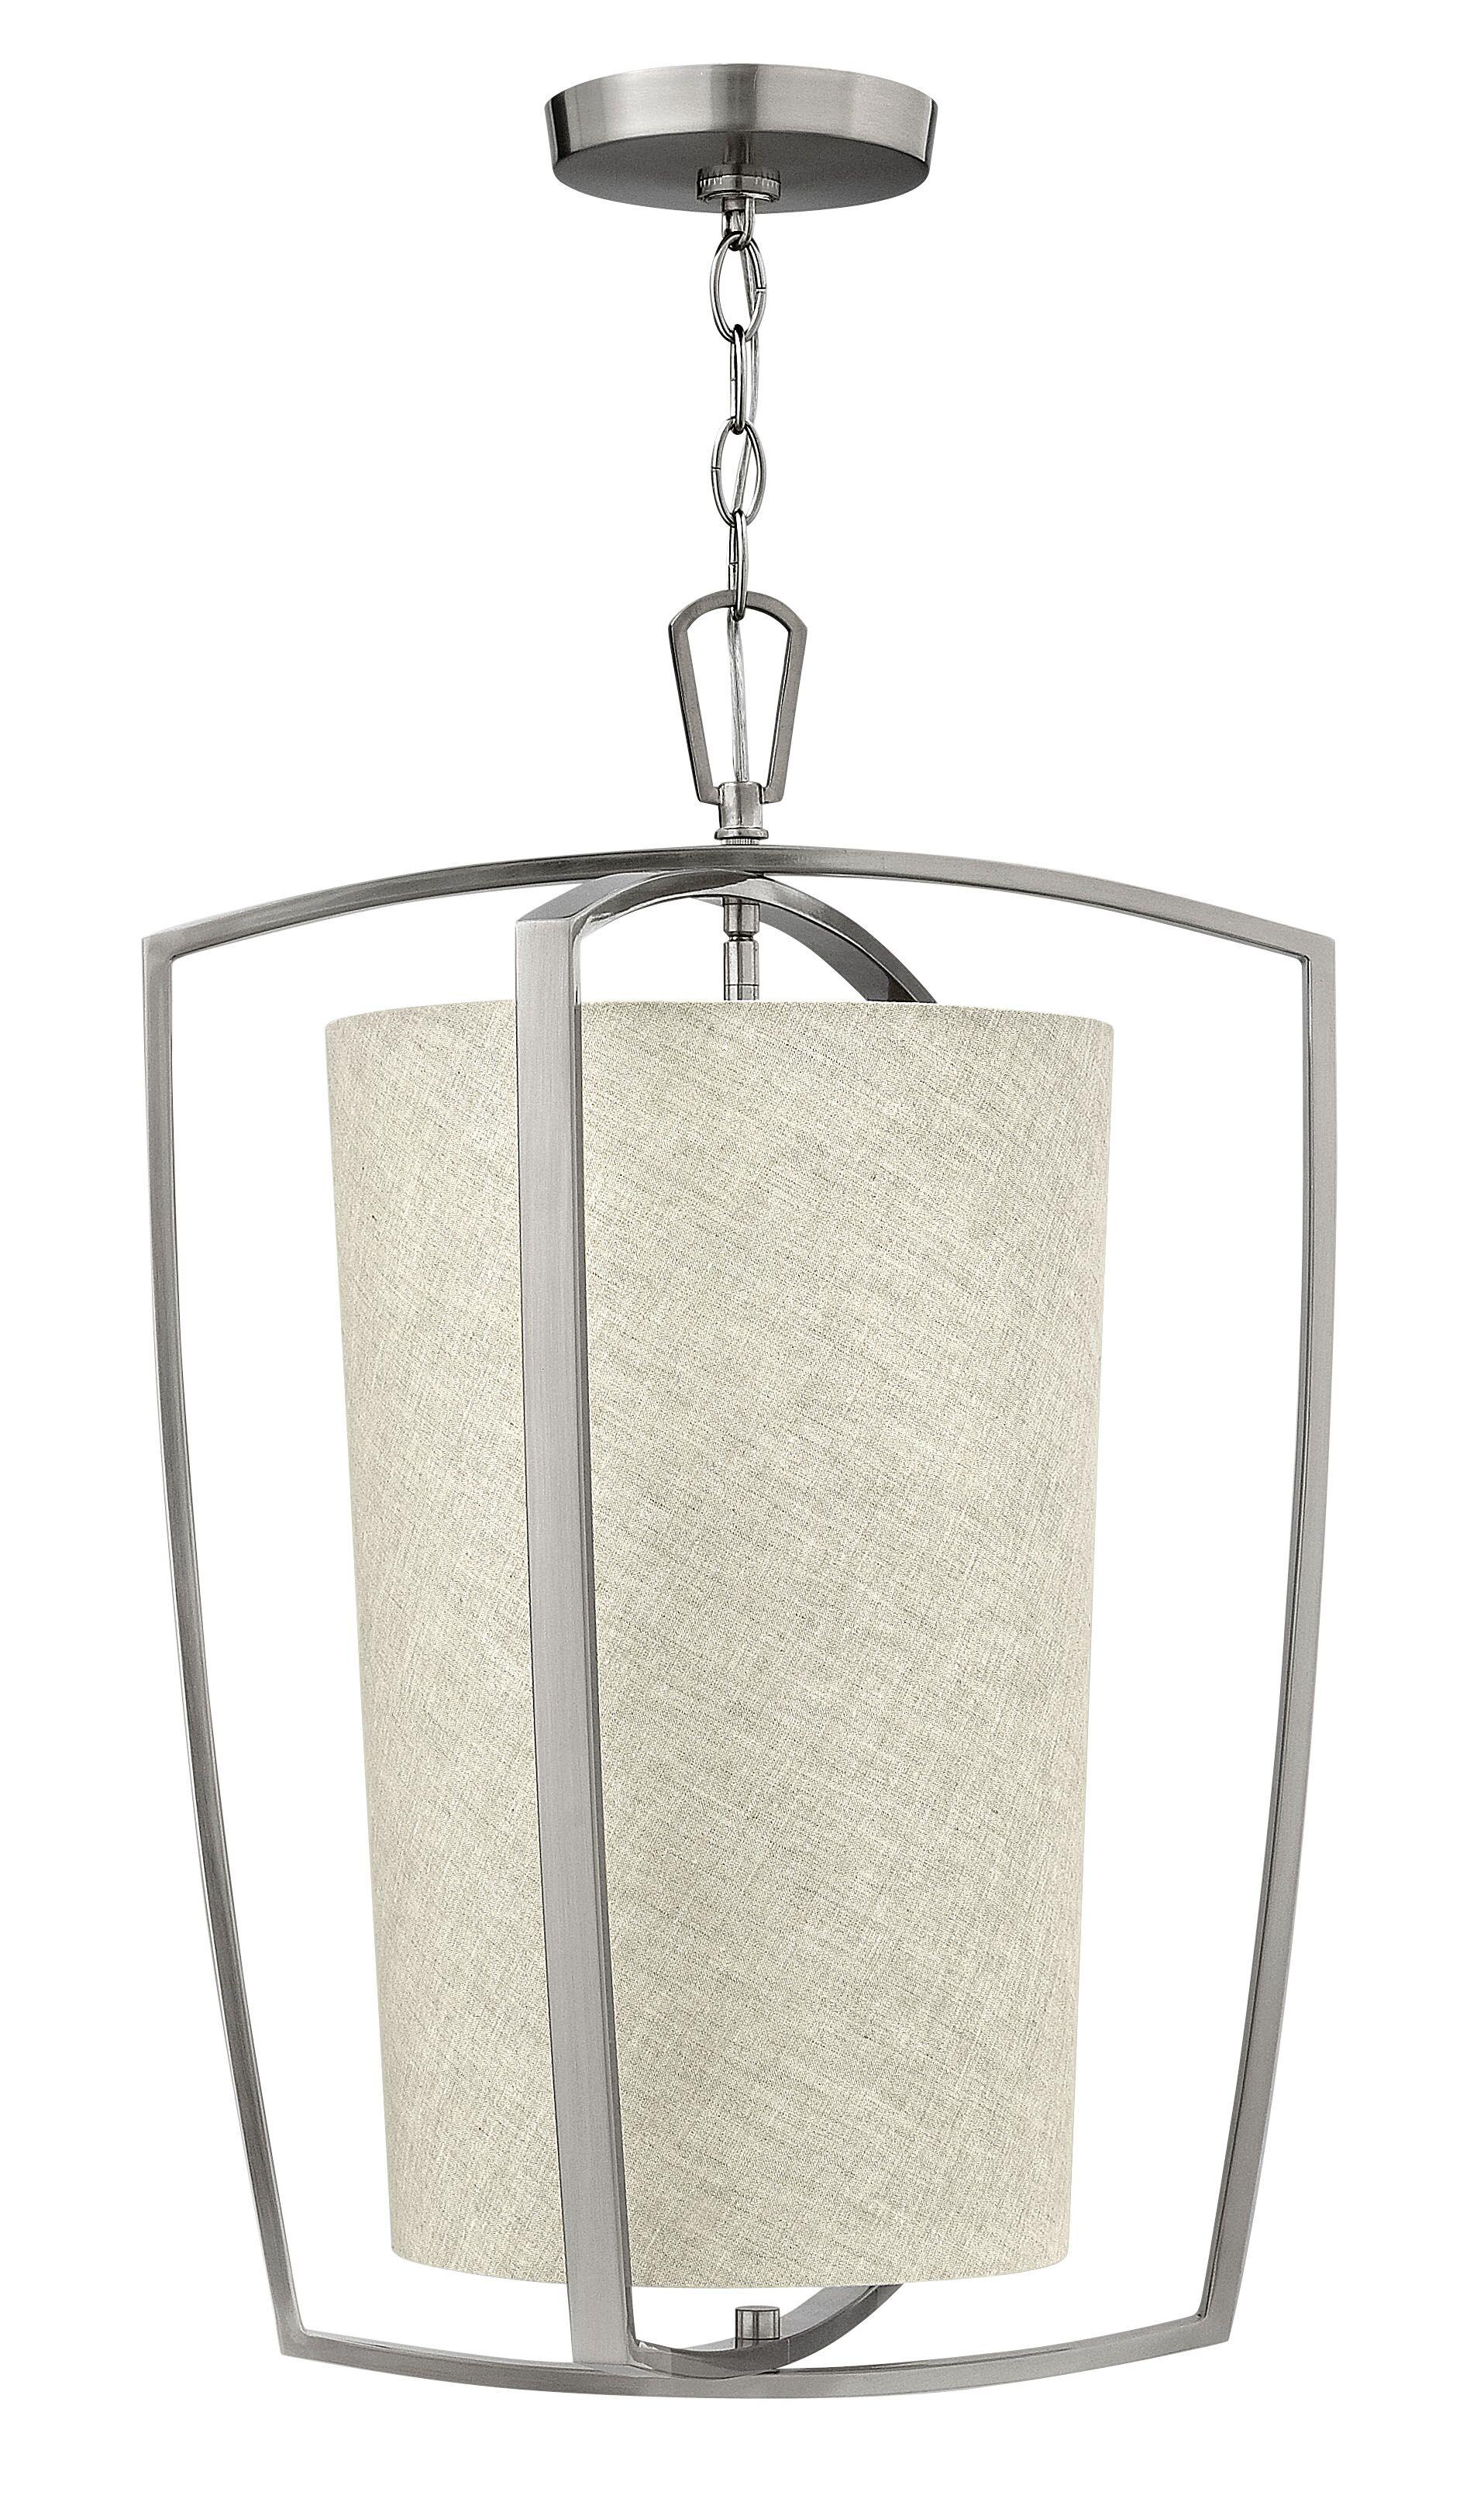 Blakely 3-Light Pendant Finish: Brushed Nickel